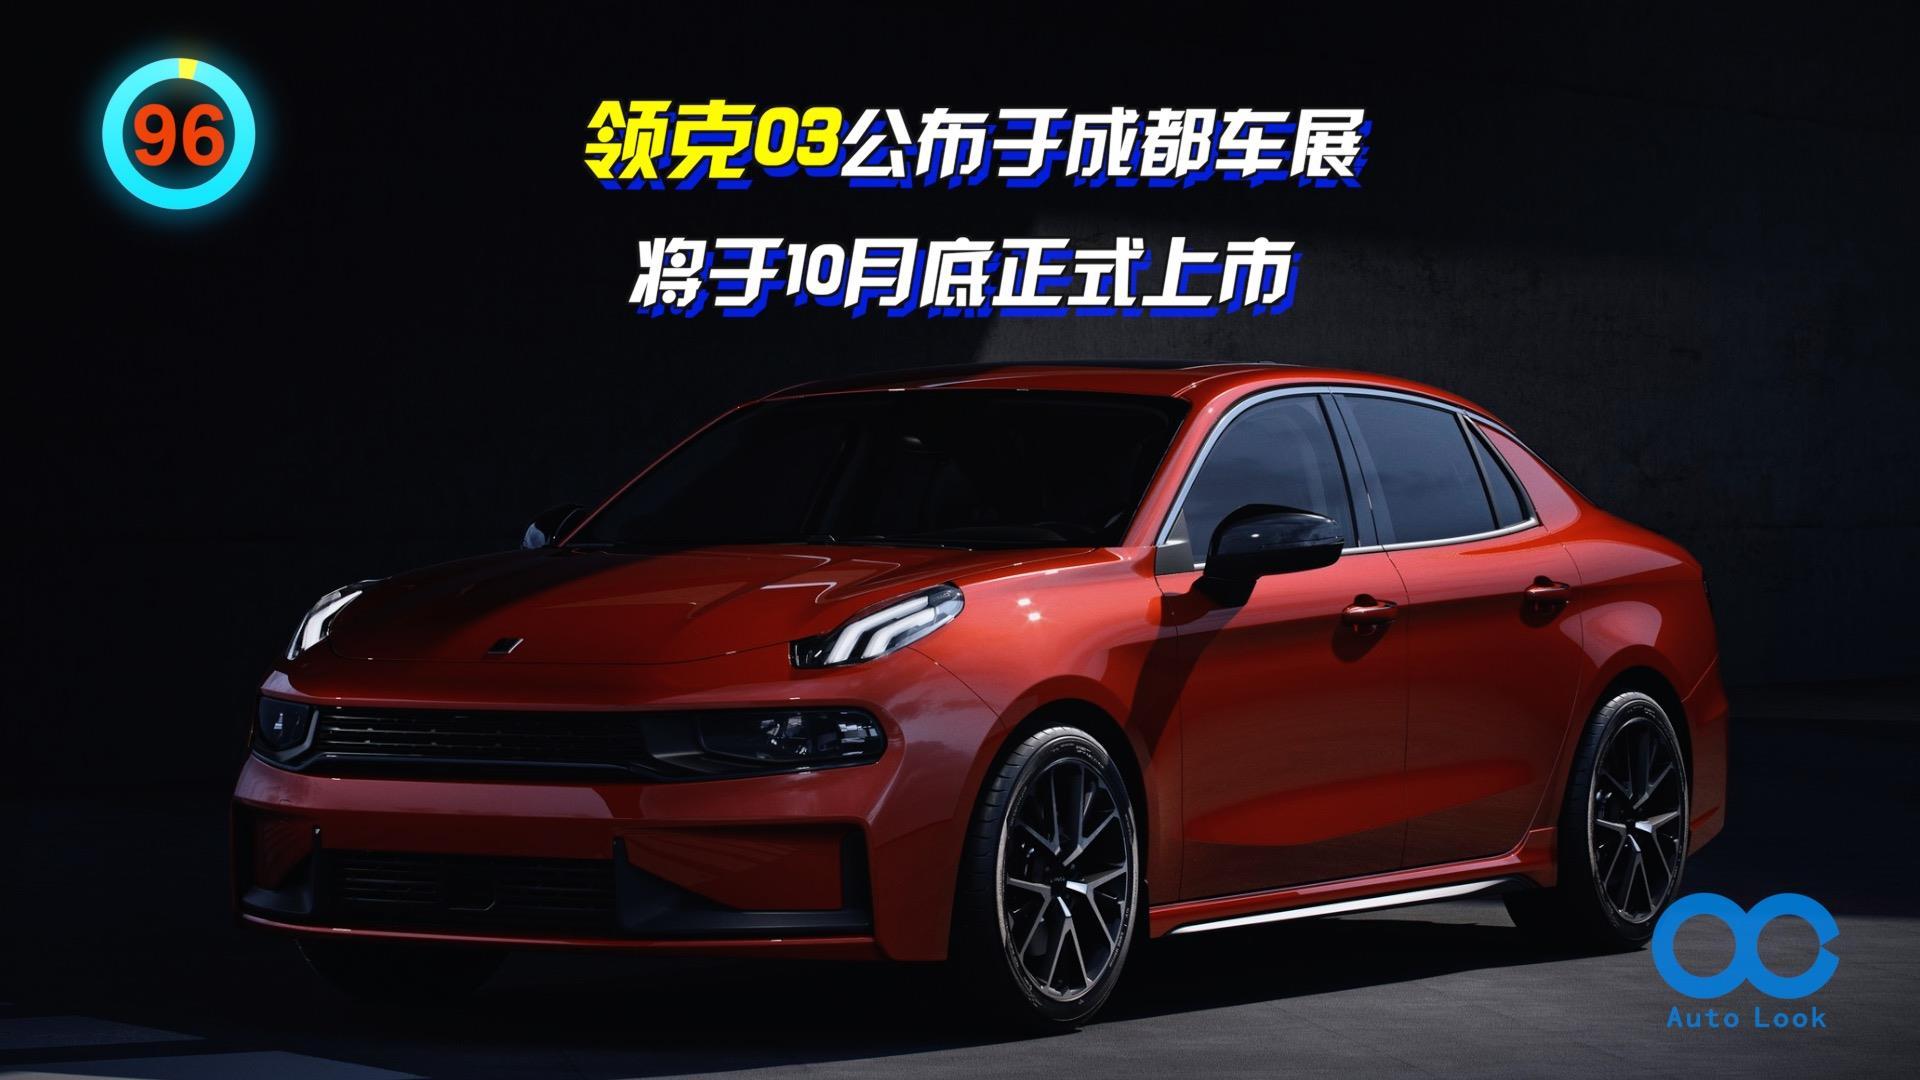 「百秒看车」领克03 将于10月上市 领克首款轿车